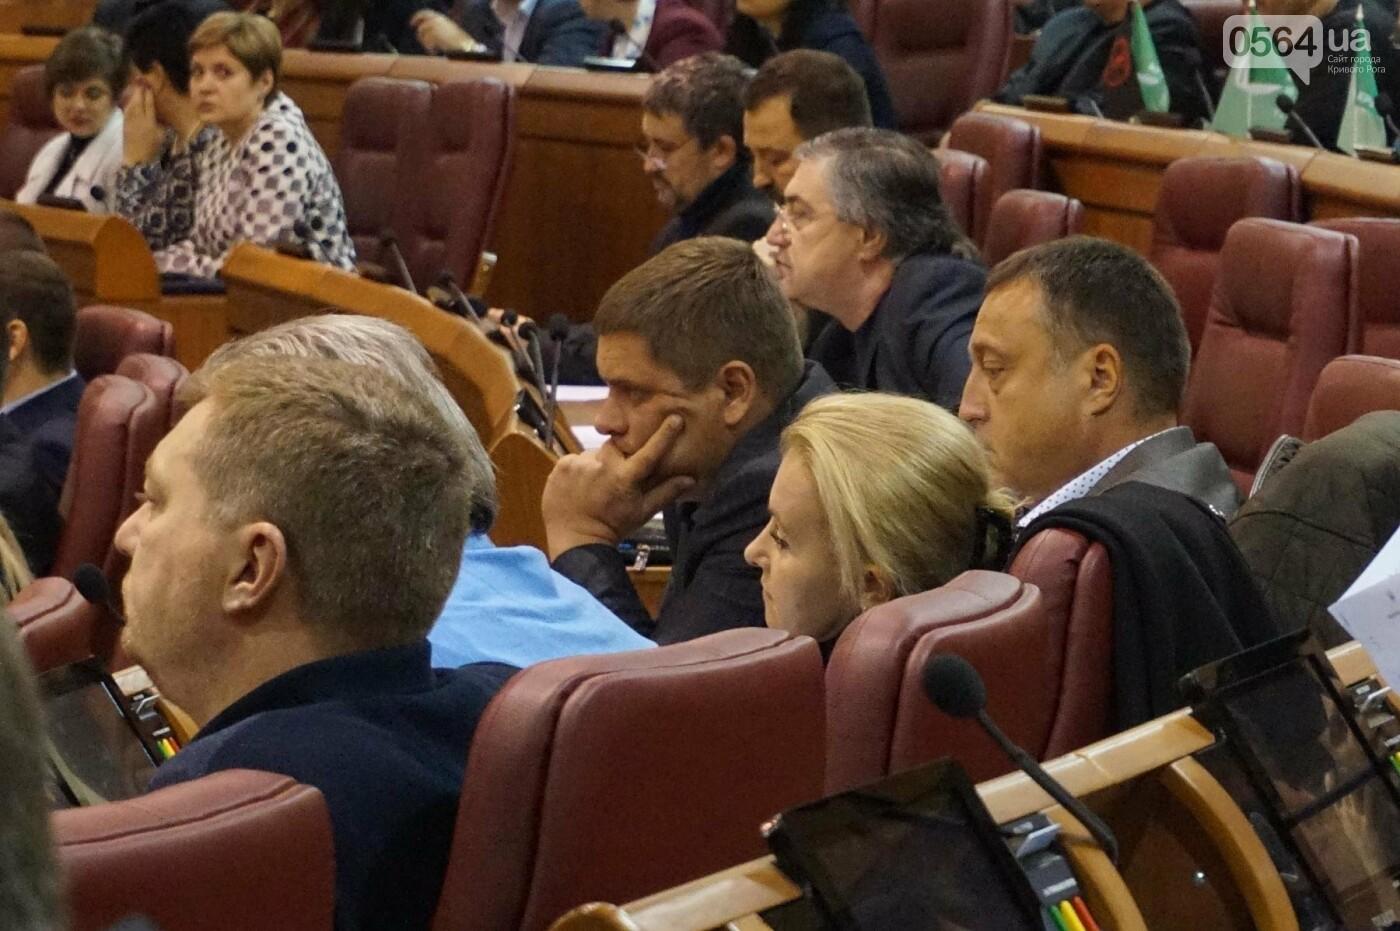 В Кривом Роге началась сессия. Впервые после обысков появилась Ольга Бабенко (ФОТО), фото-7